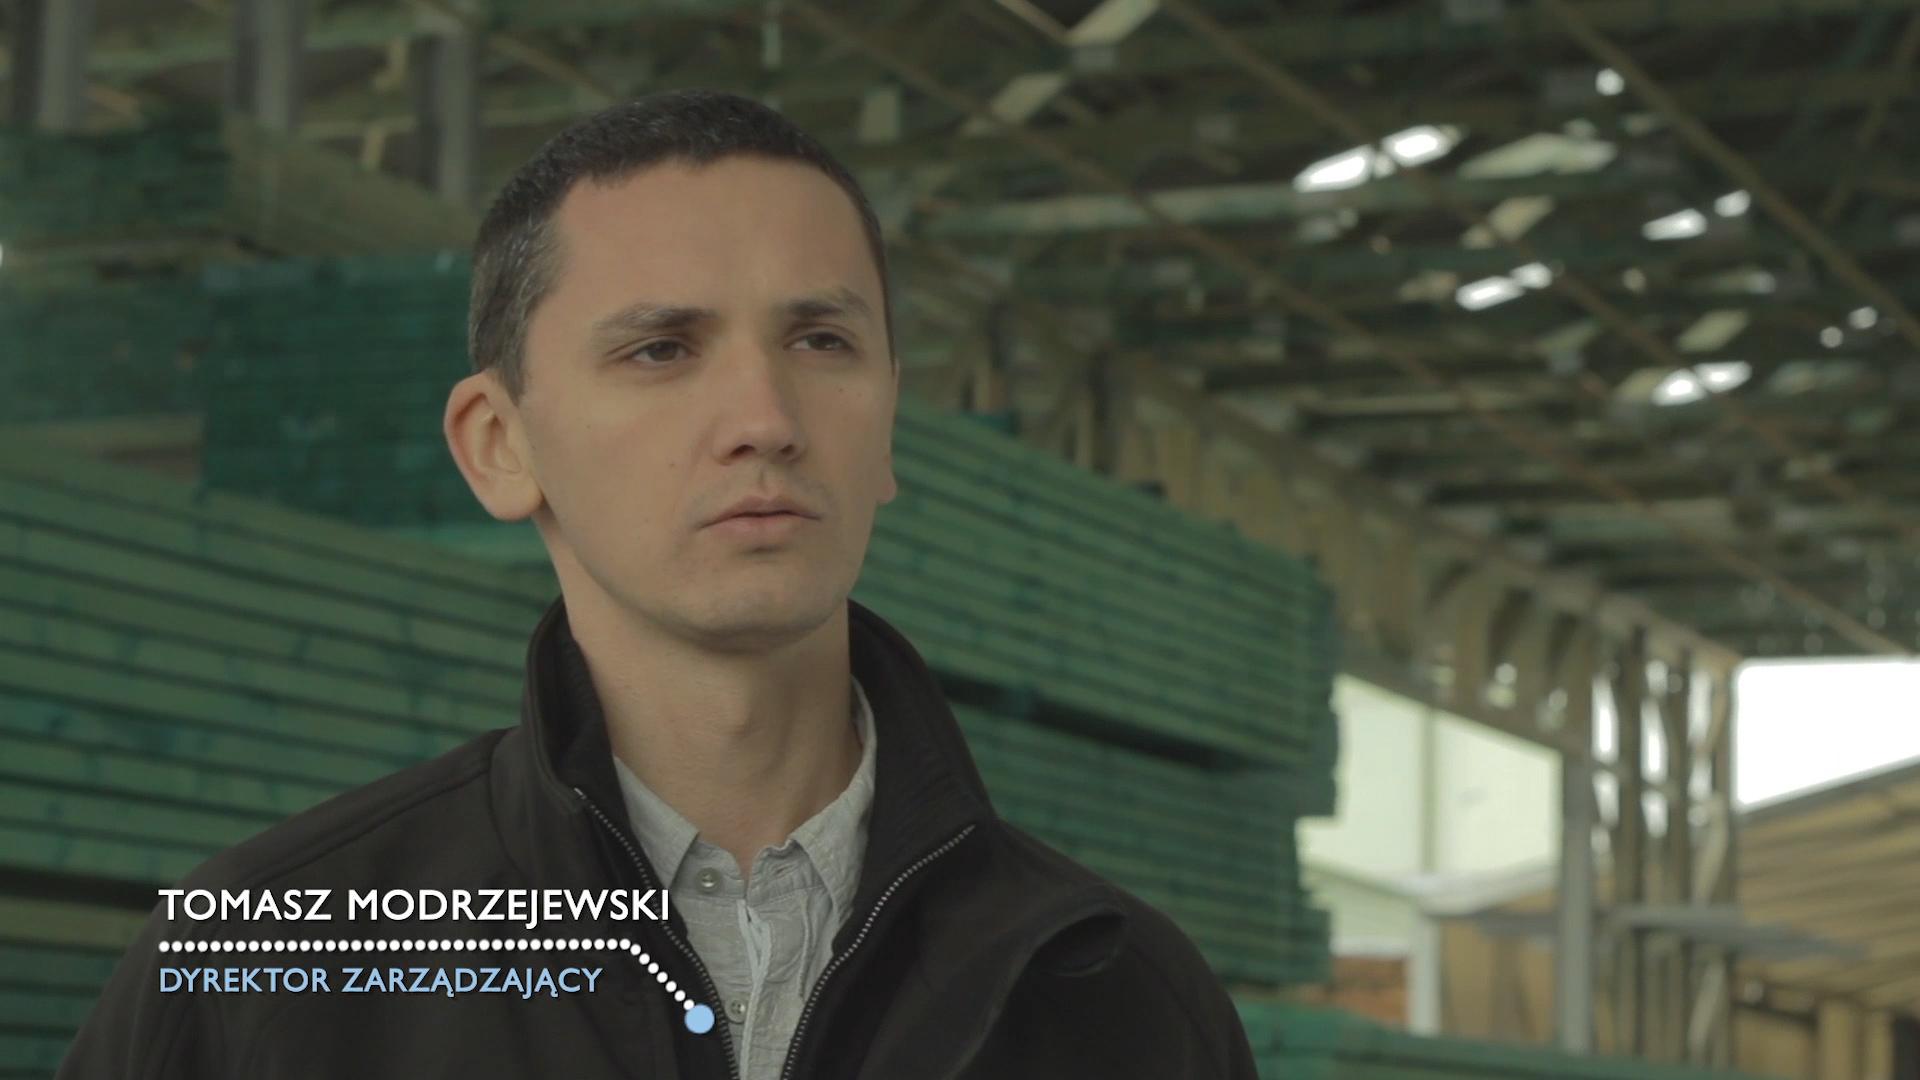 kadr z filmu Cembrit referencje Tomasz Modrzejewski